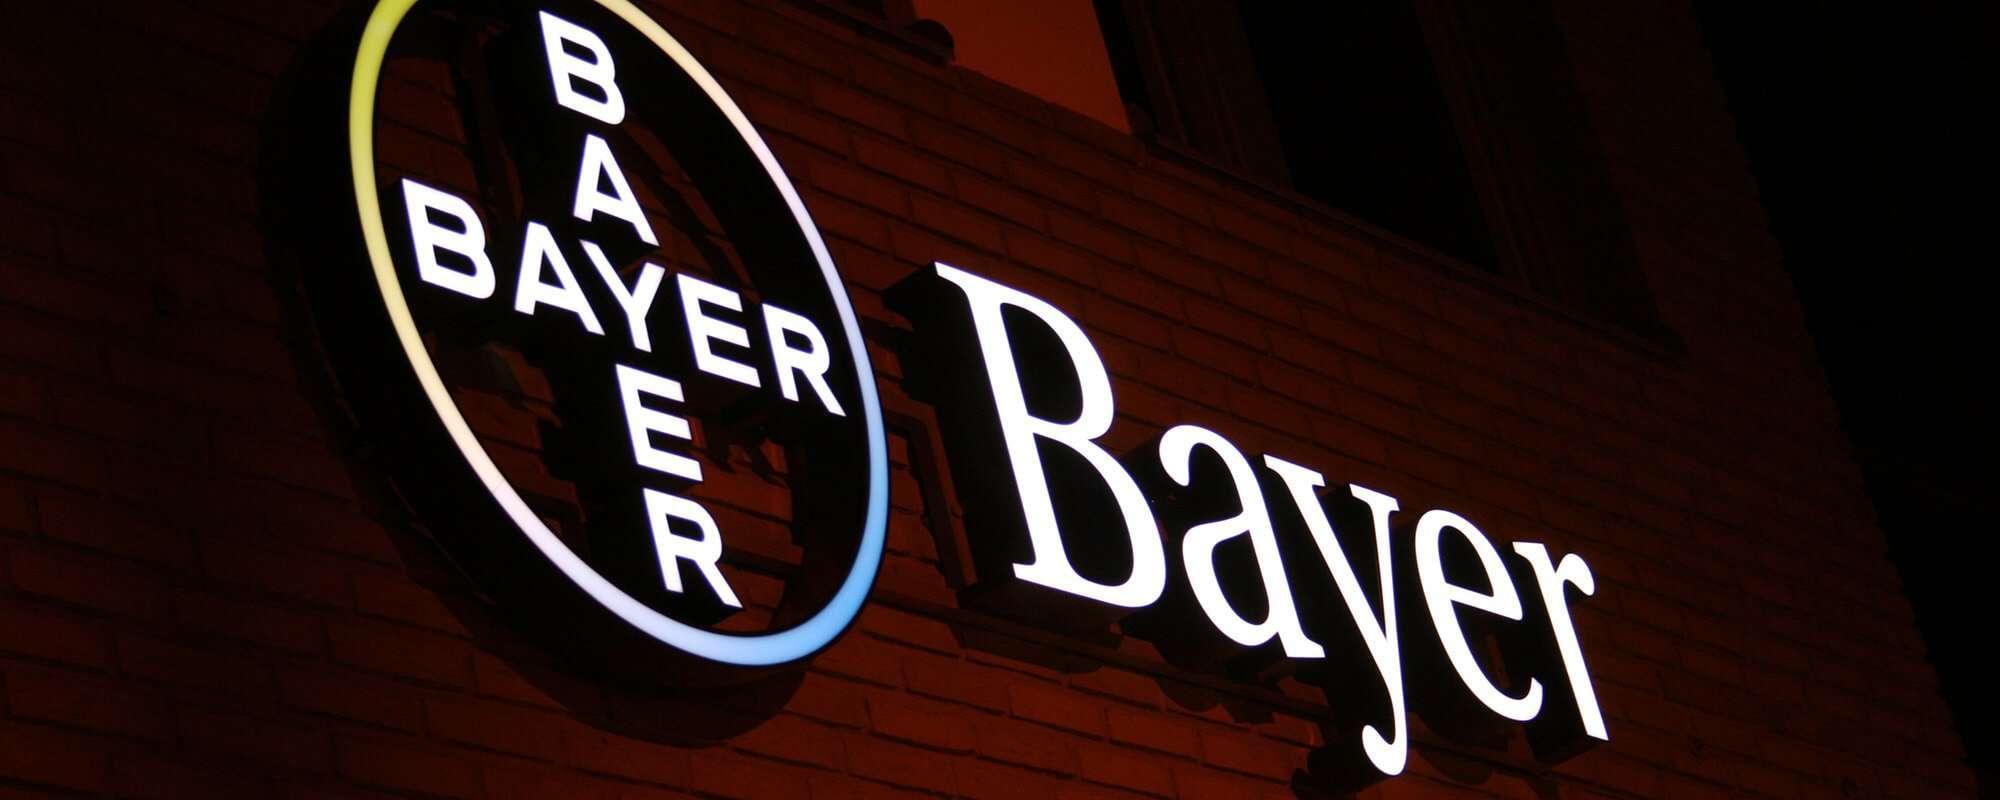 Bayer fasadskylt belysning av FocusNeo